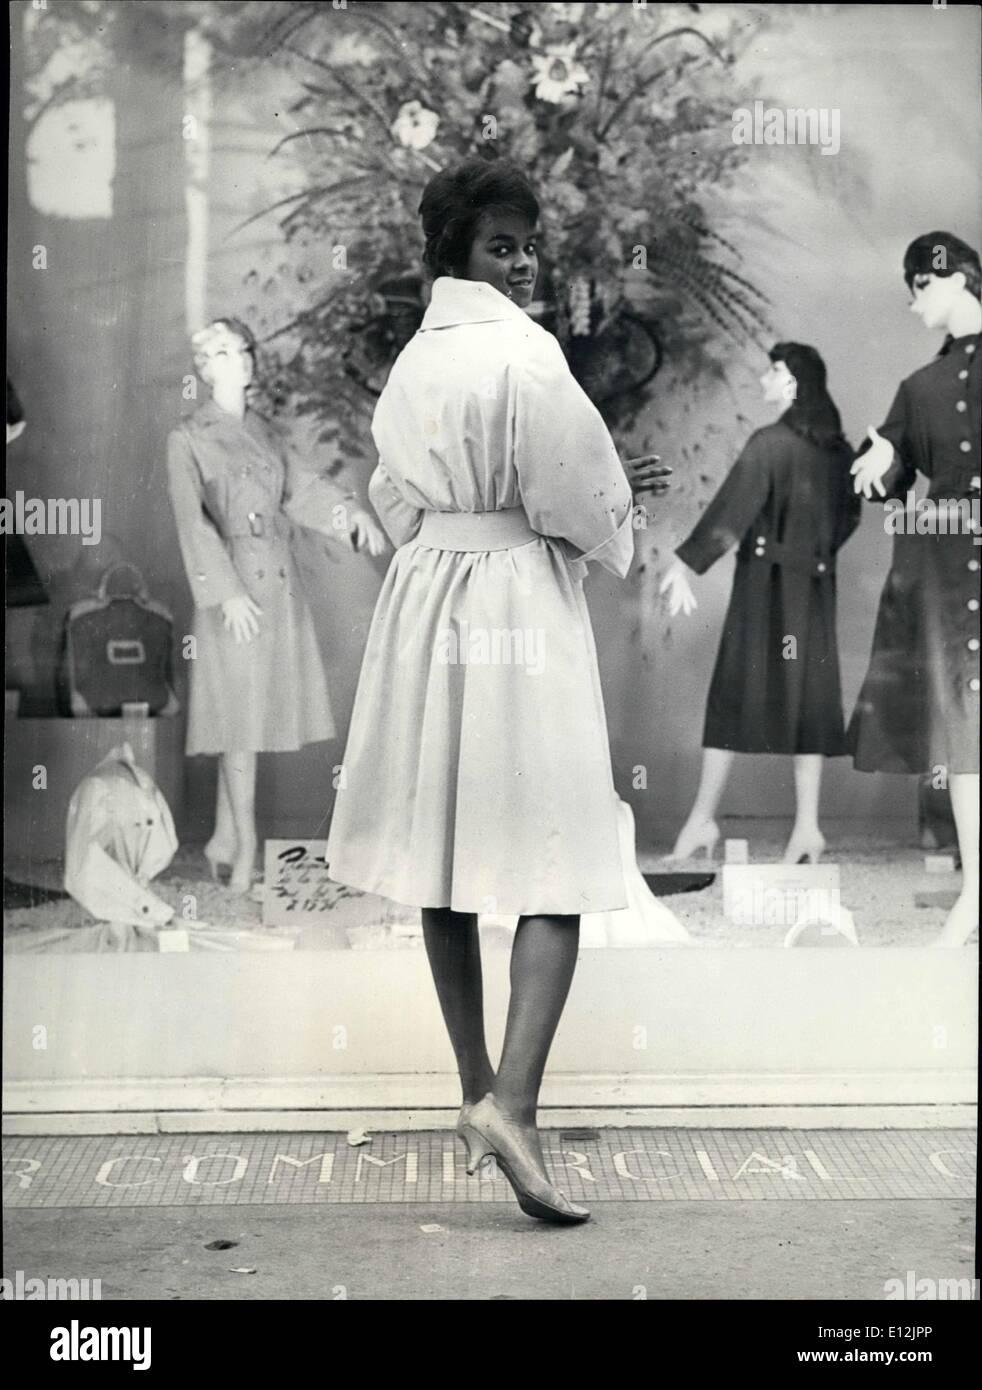 24. Februar 2012 - erste schwarz Schaufensterpuppe, Paris Mode zu zeigen. 18 Jahre alte schwarze Studentin von Guadalupe (Französische Antillen) ist die erste farbige Puppe Paris Mode zu zeigen. Sie studiert an der Universität von Paris und engagiert sich für Modell-Kleider und Mäntel in einem großen Paris Damen tragen Shop. OPS: Die schwarze Puppe modellieren einen Regenmantel. Okt.-58 Stockbild